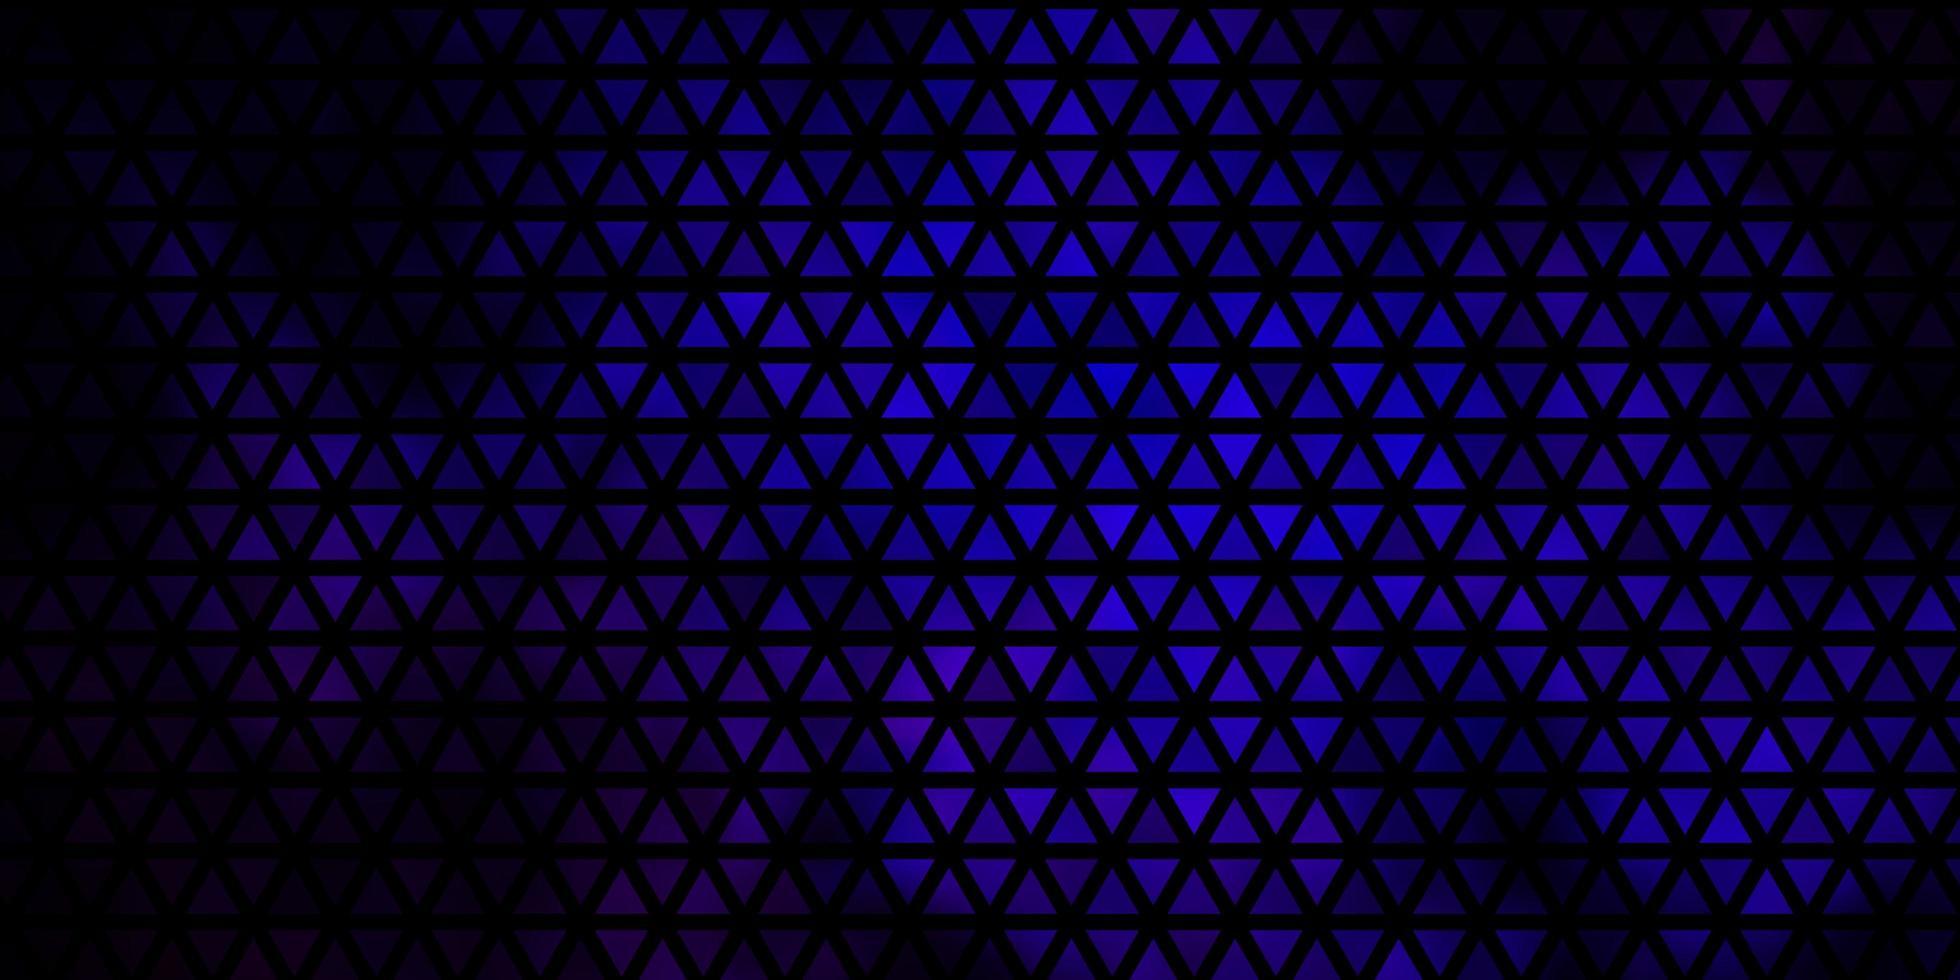 telón de fondo azul oscuro con líneas, triángulos. vector